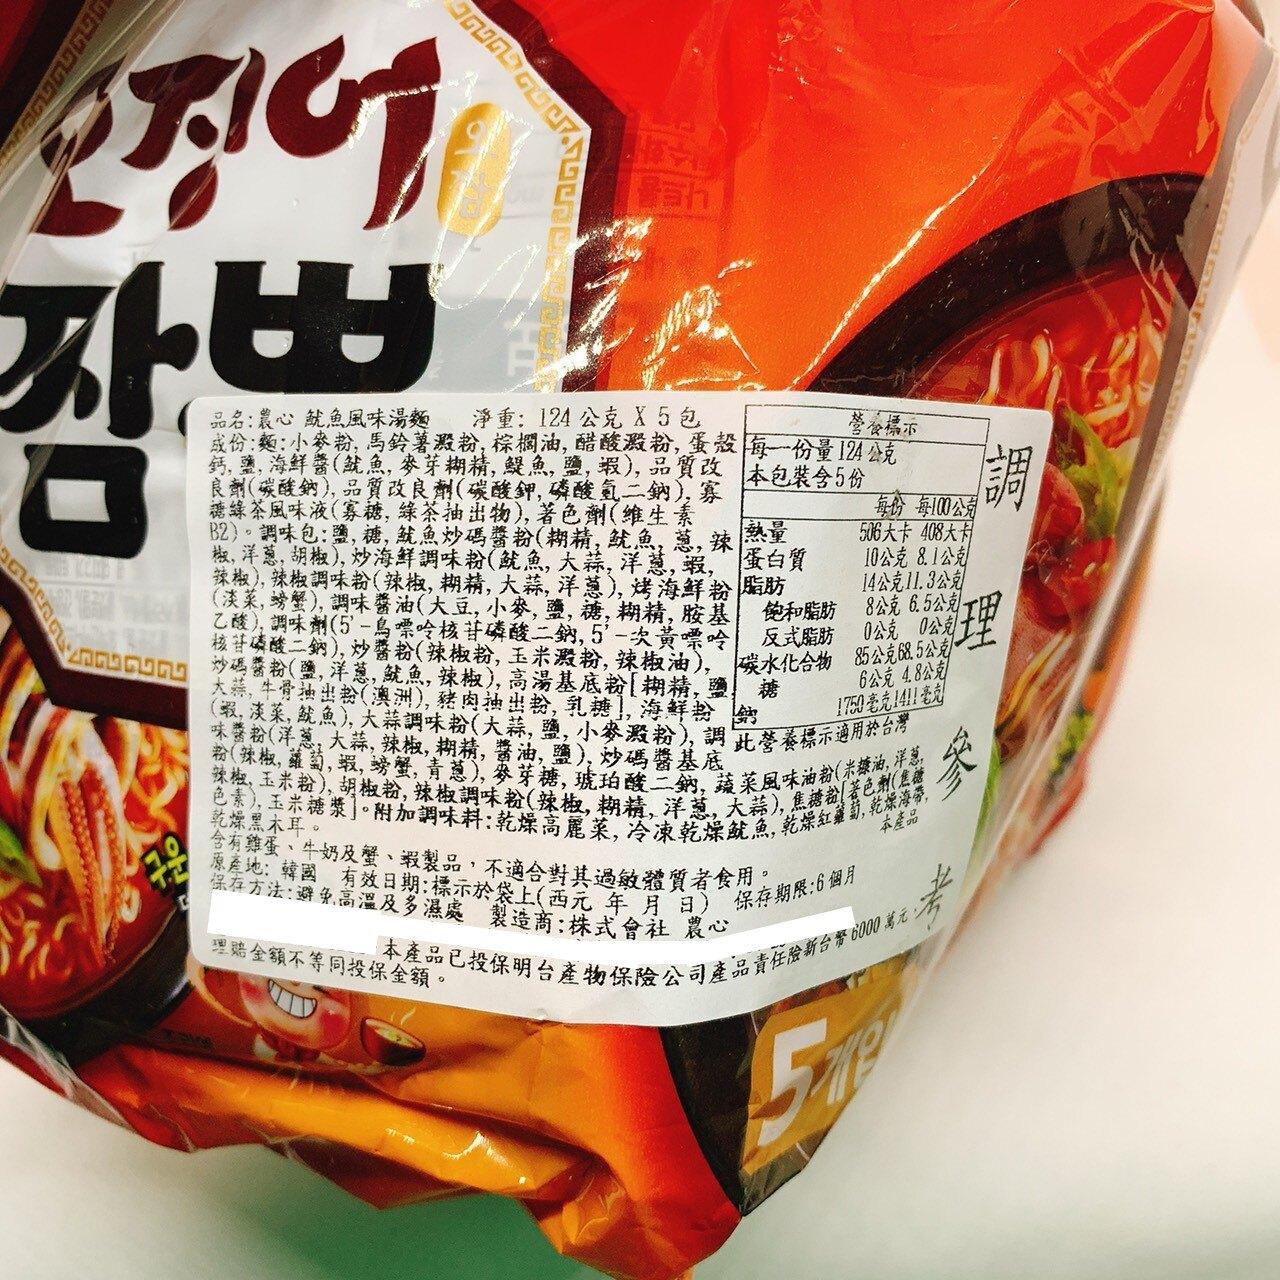 農心魷魚炒碼麵 魷魚炒碼麵 炒碼麵 魷魚海鮮麵